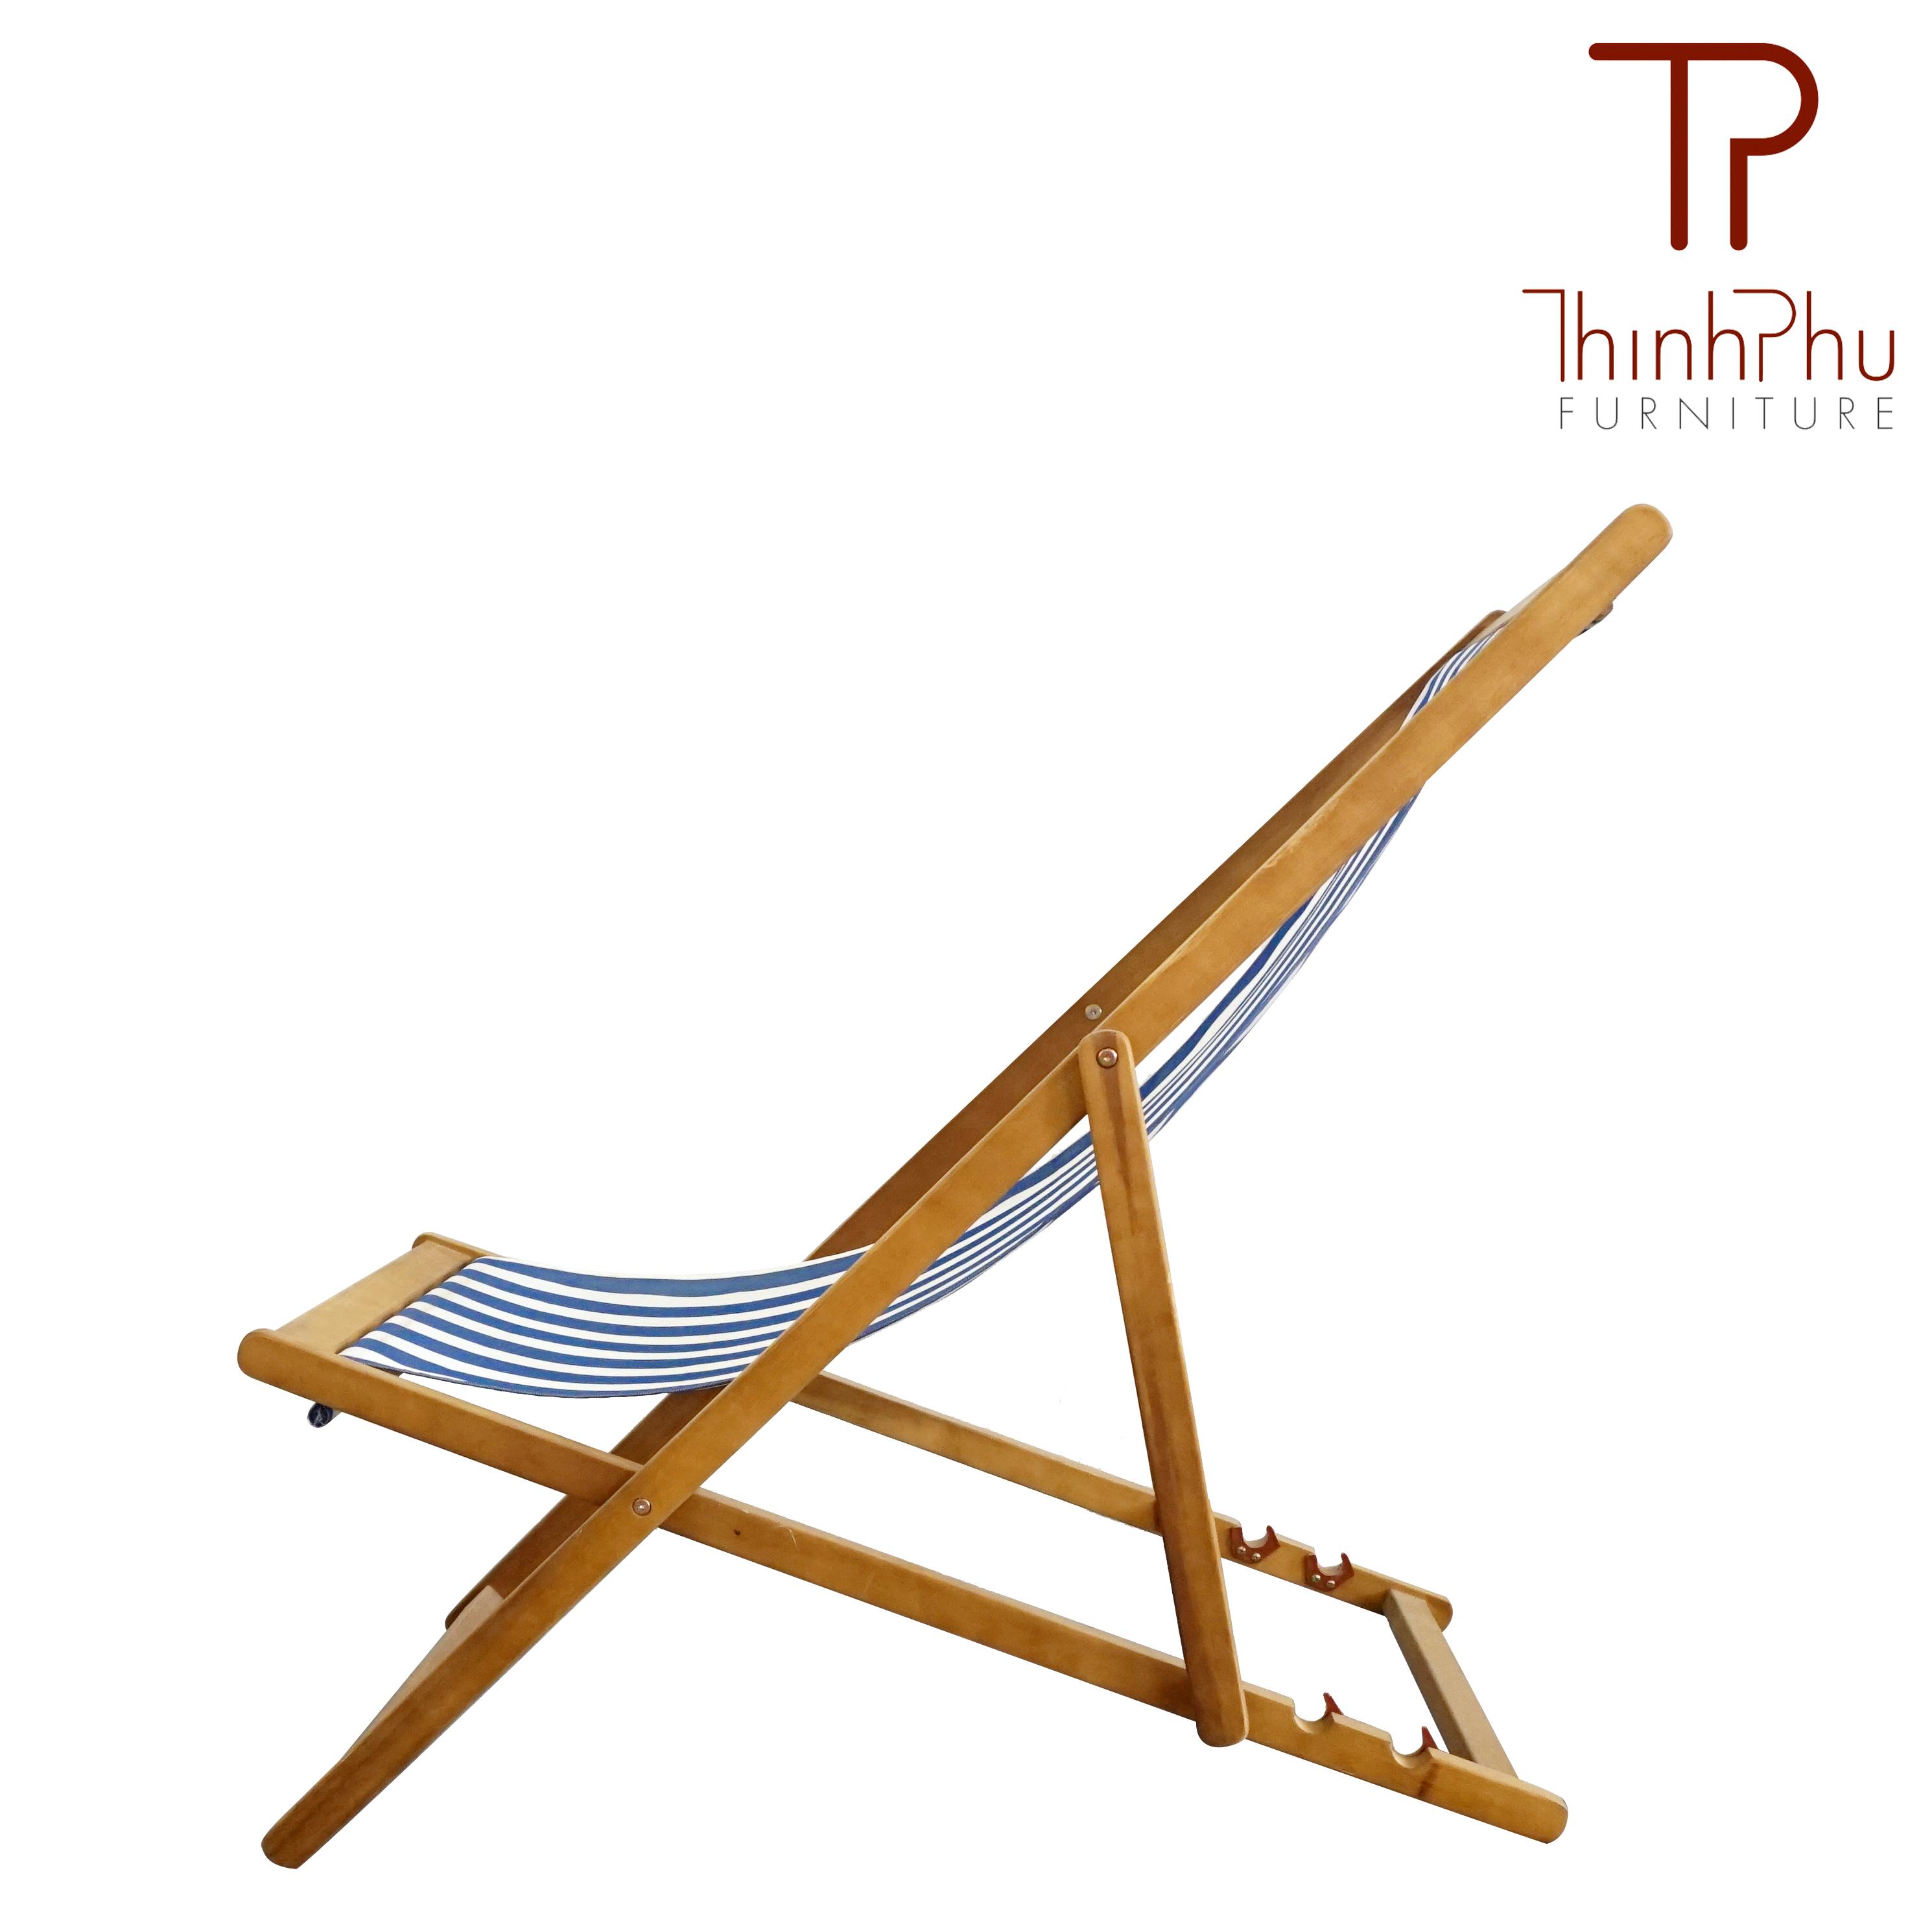 Textile Beach Chair Cocobeach Thinh Phu Furniture